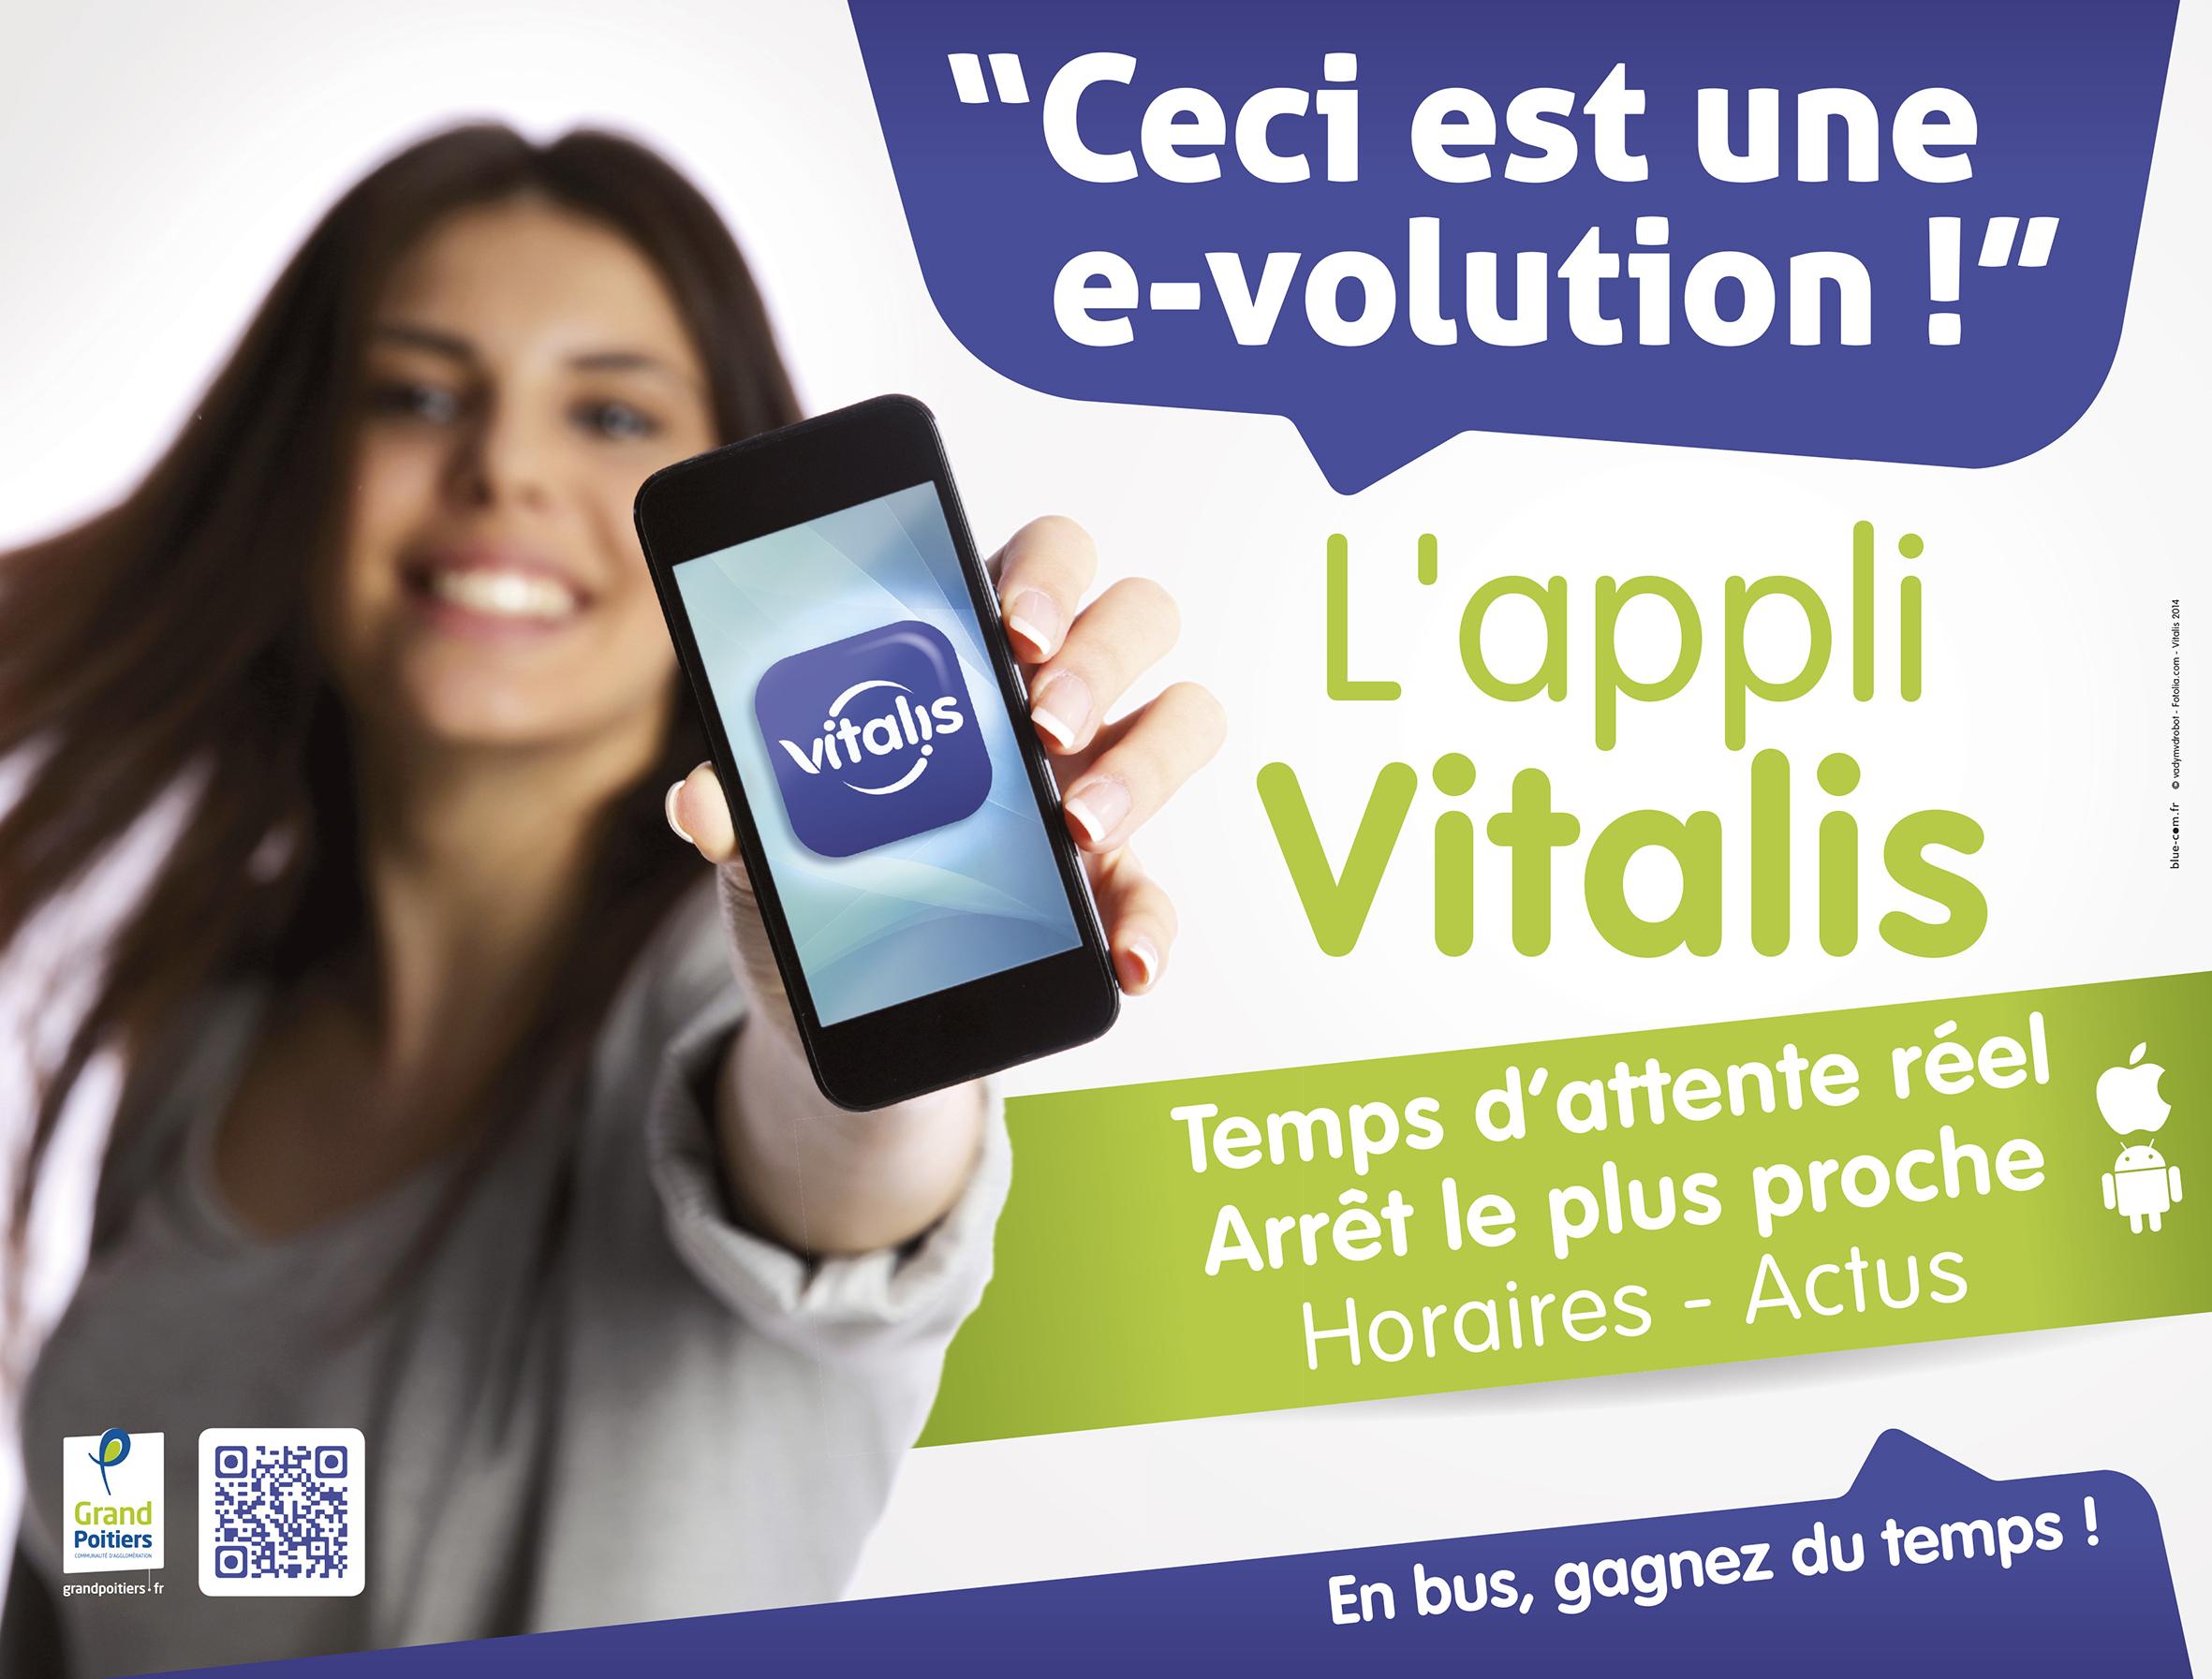 VITALIS AppliMobile 320x240.indd